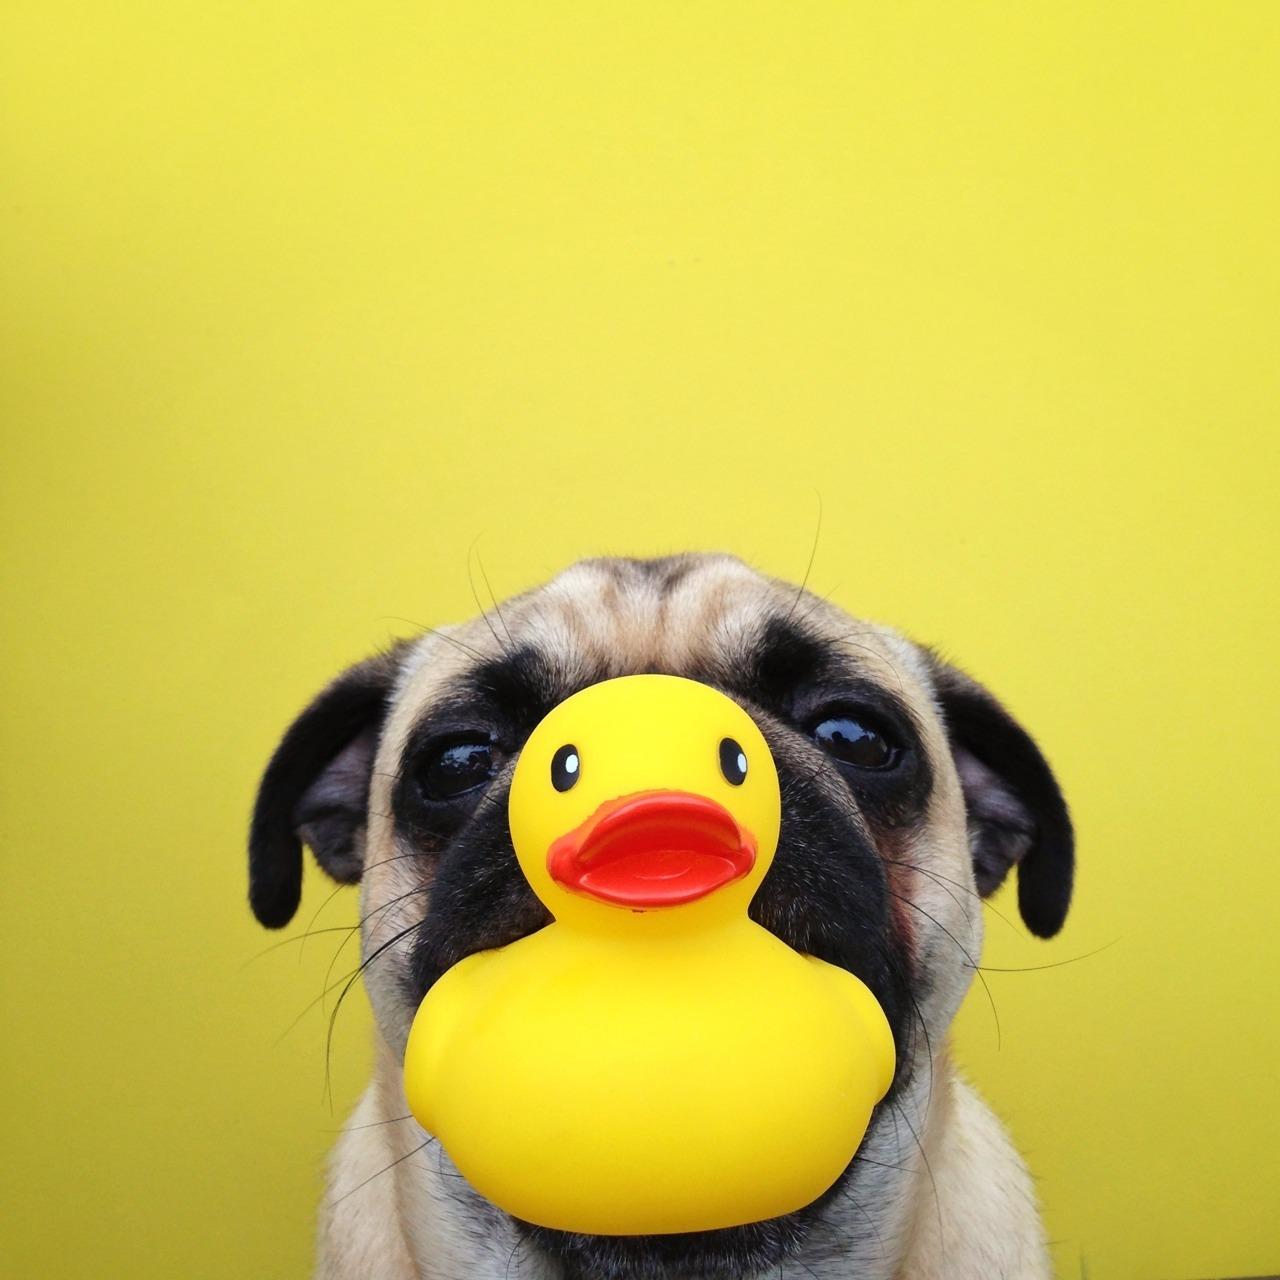 Duck face 😙